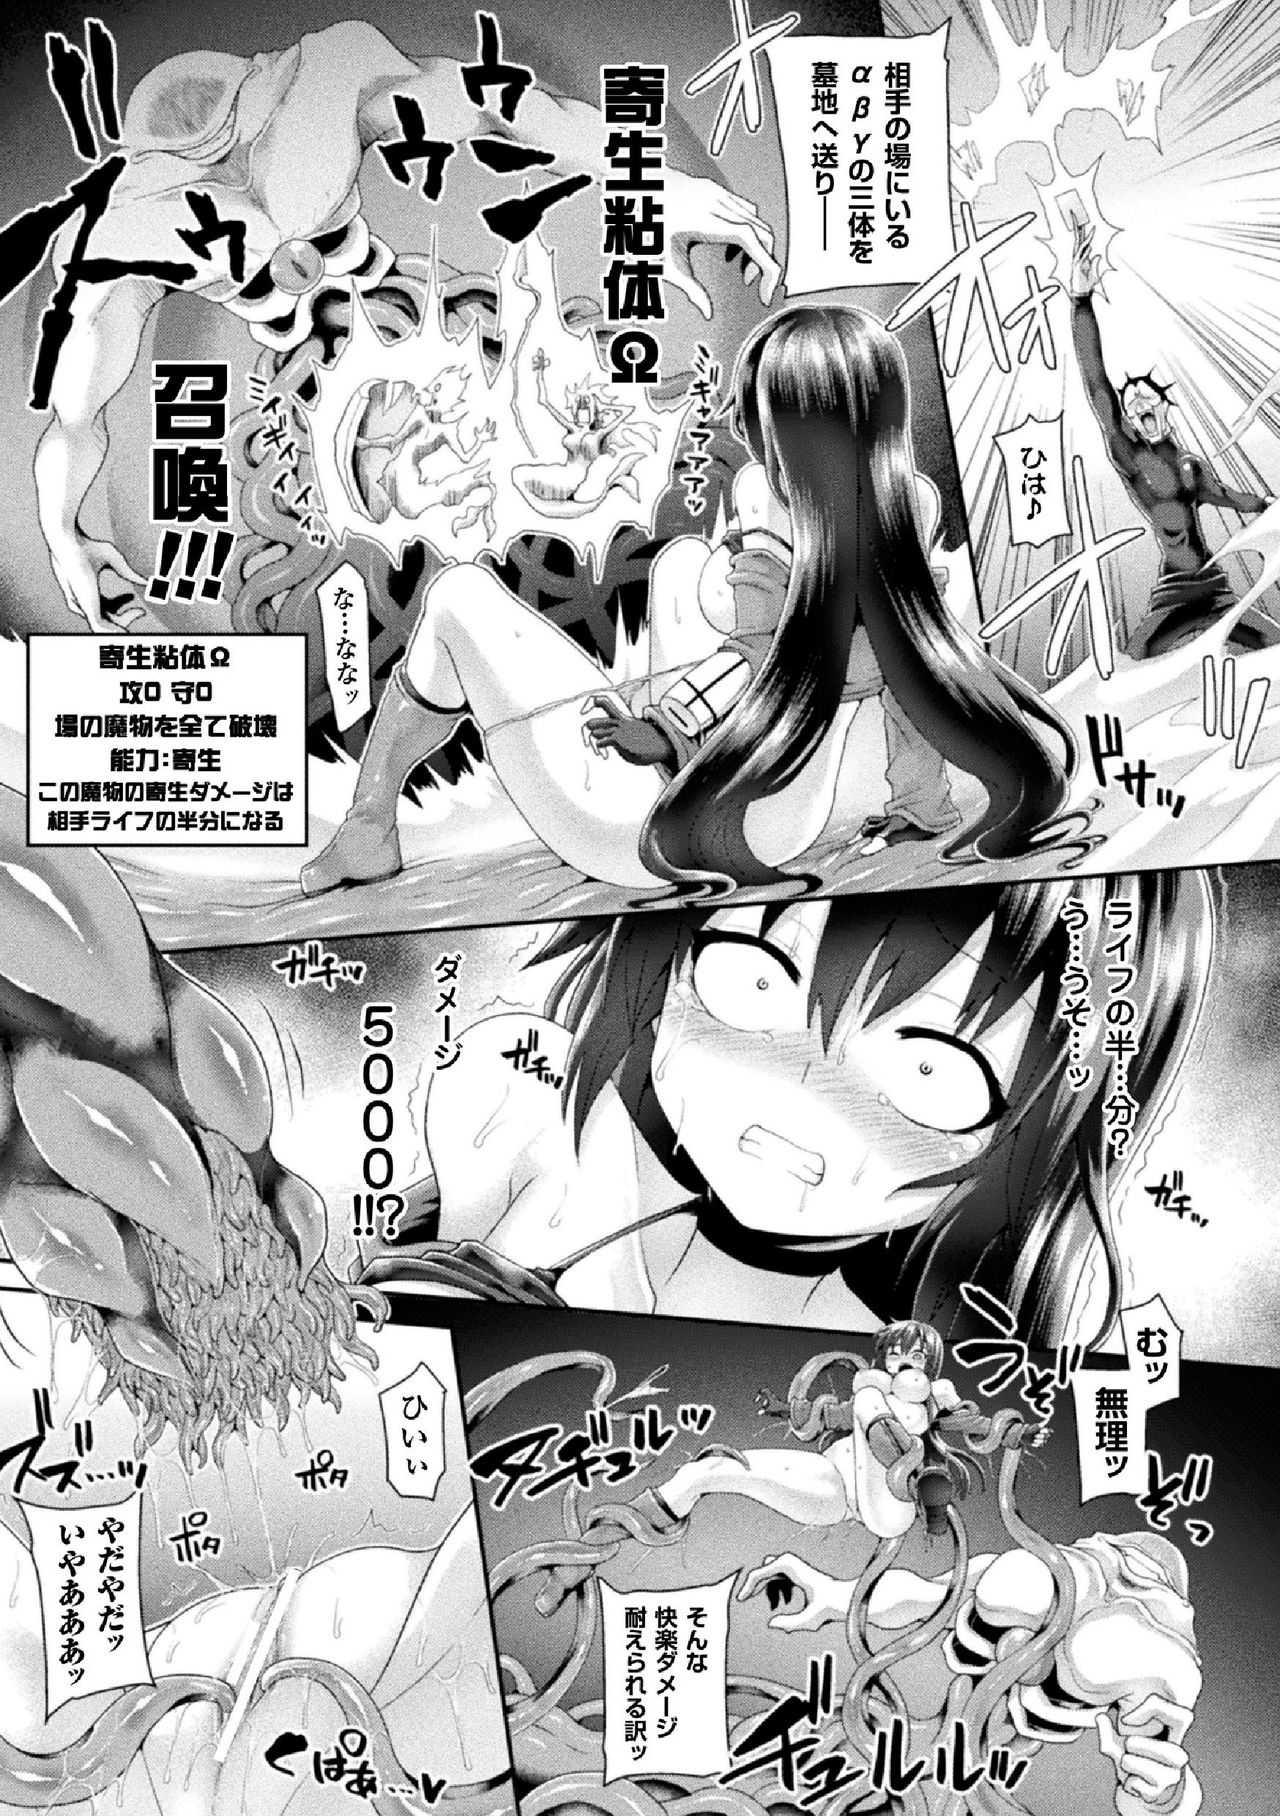 【エロ漫画】仮想空間でカードバトルを挑まれた巨乳美少女…敵の操るモンスターに襲われヌルヌル触手による快楽に堕ちwww【こっぱむ:ジョーカーゲーム】